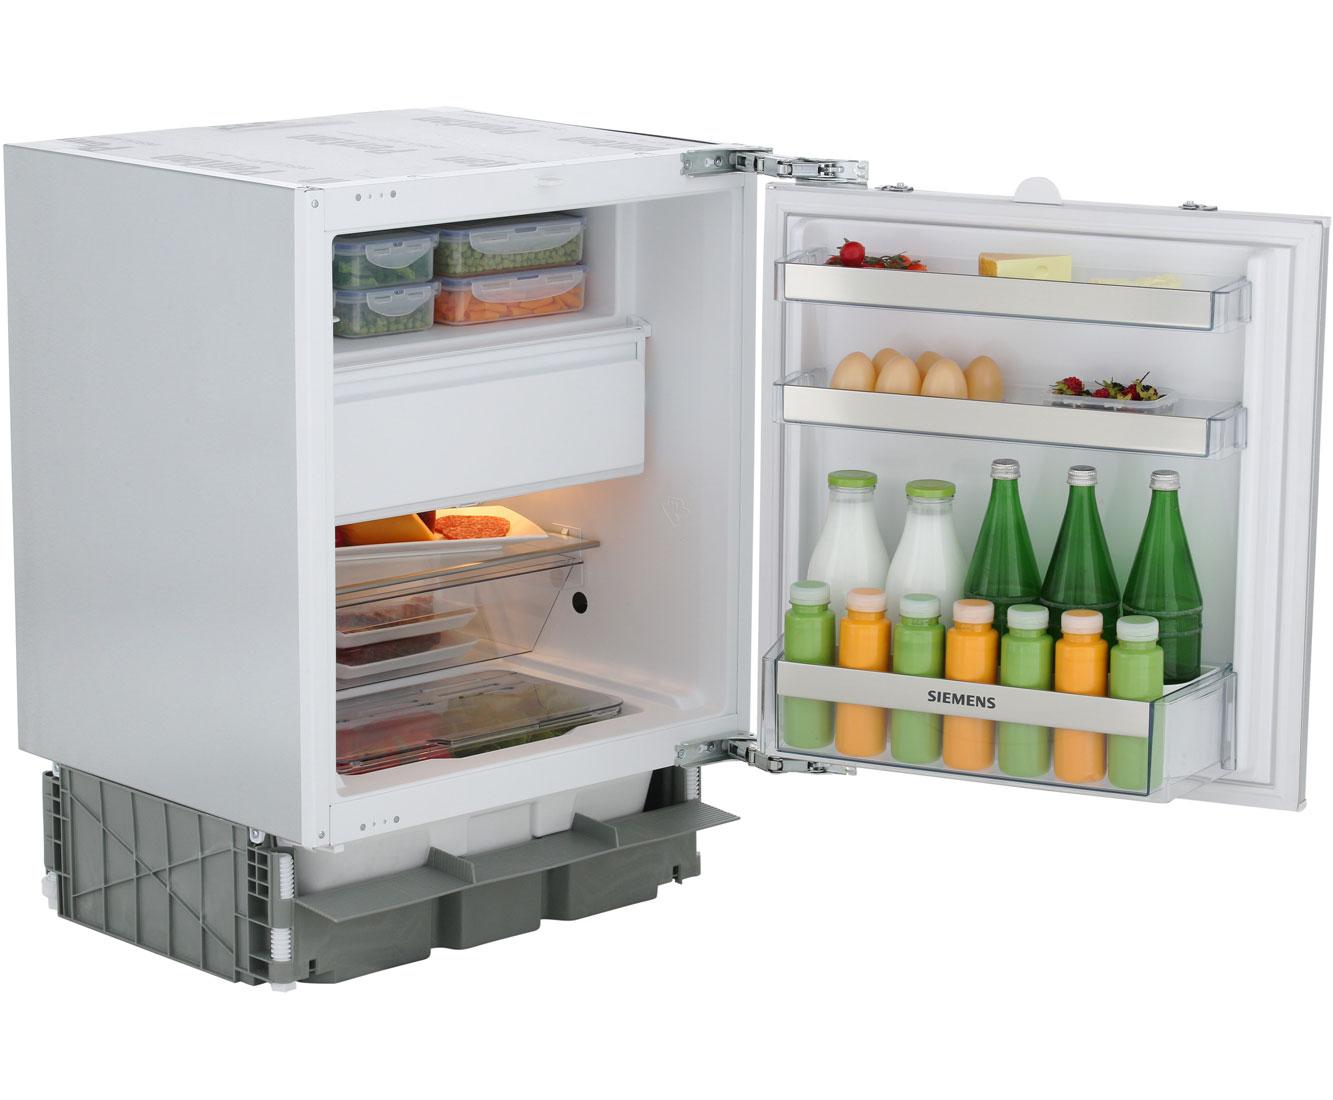 Siemens Kühlschrank Einschalten : Siemens ku la unterbau kühlschrank mit gefrierfach er